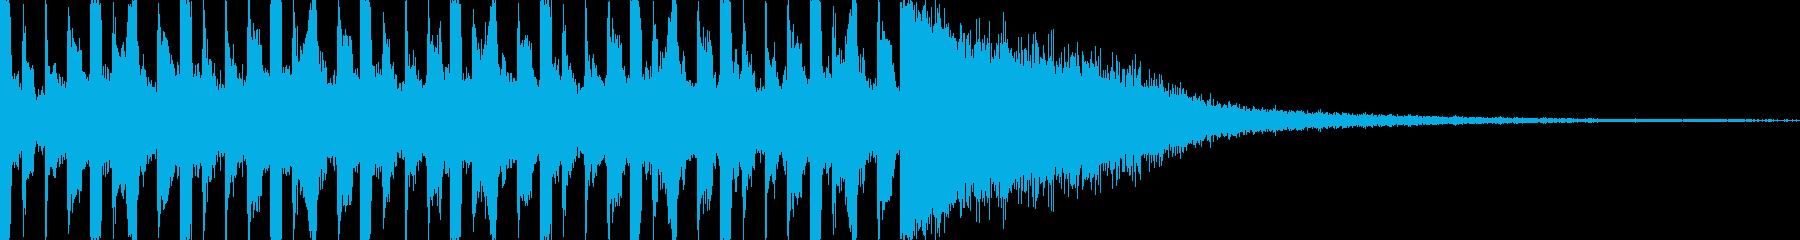 不穏/緊迫したカウントダウン(10秒)の再生済みの波形